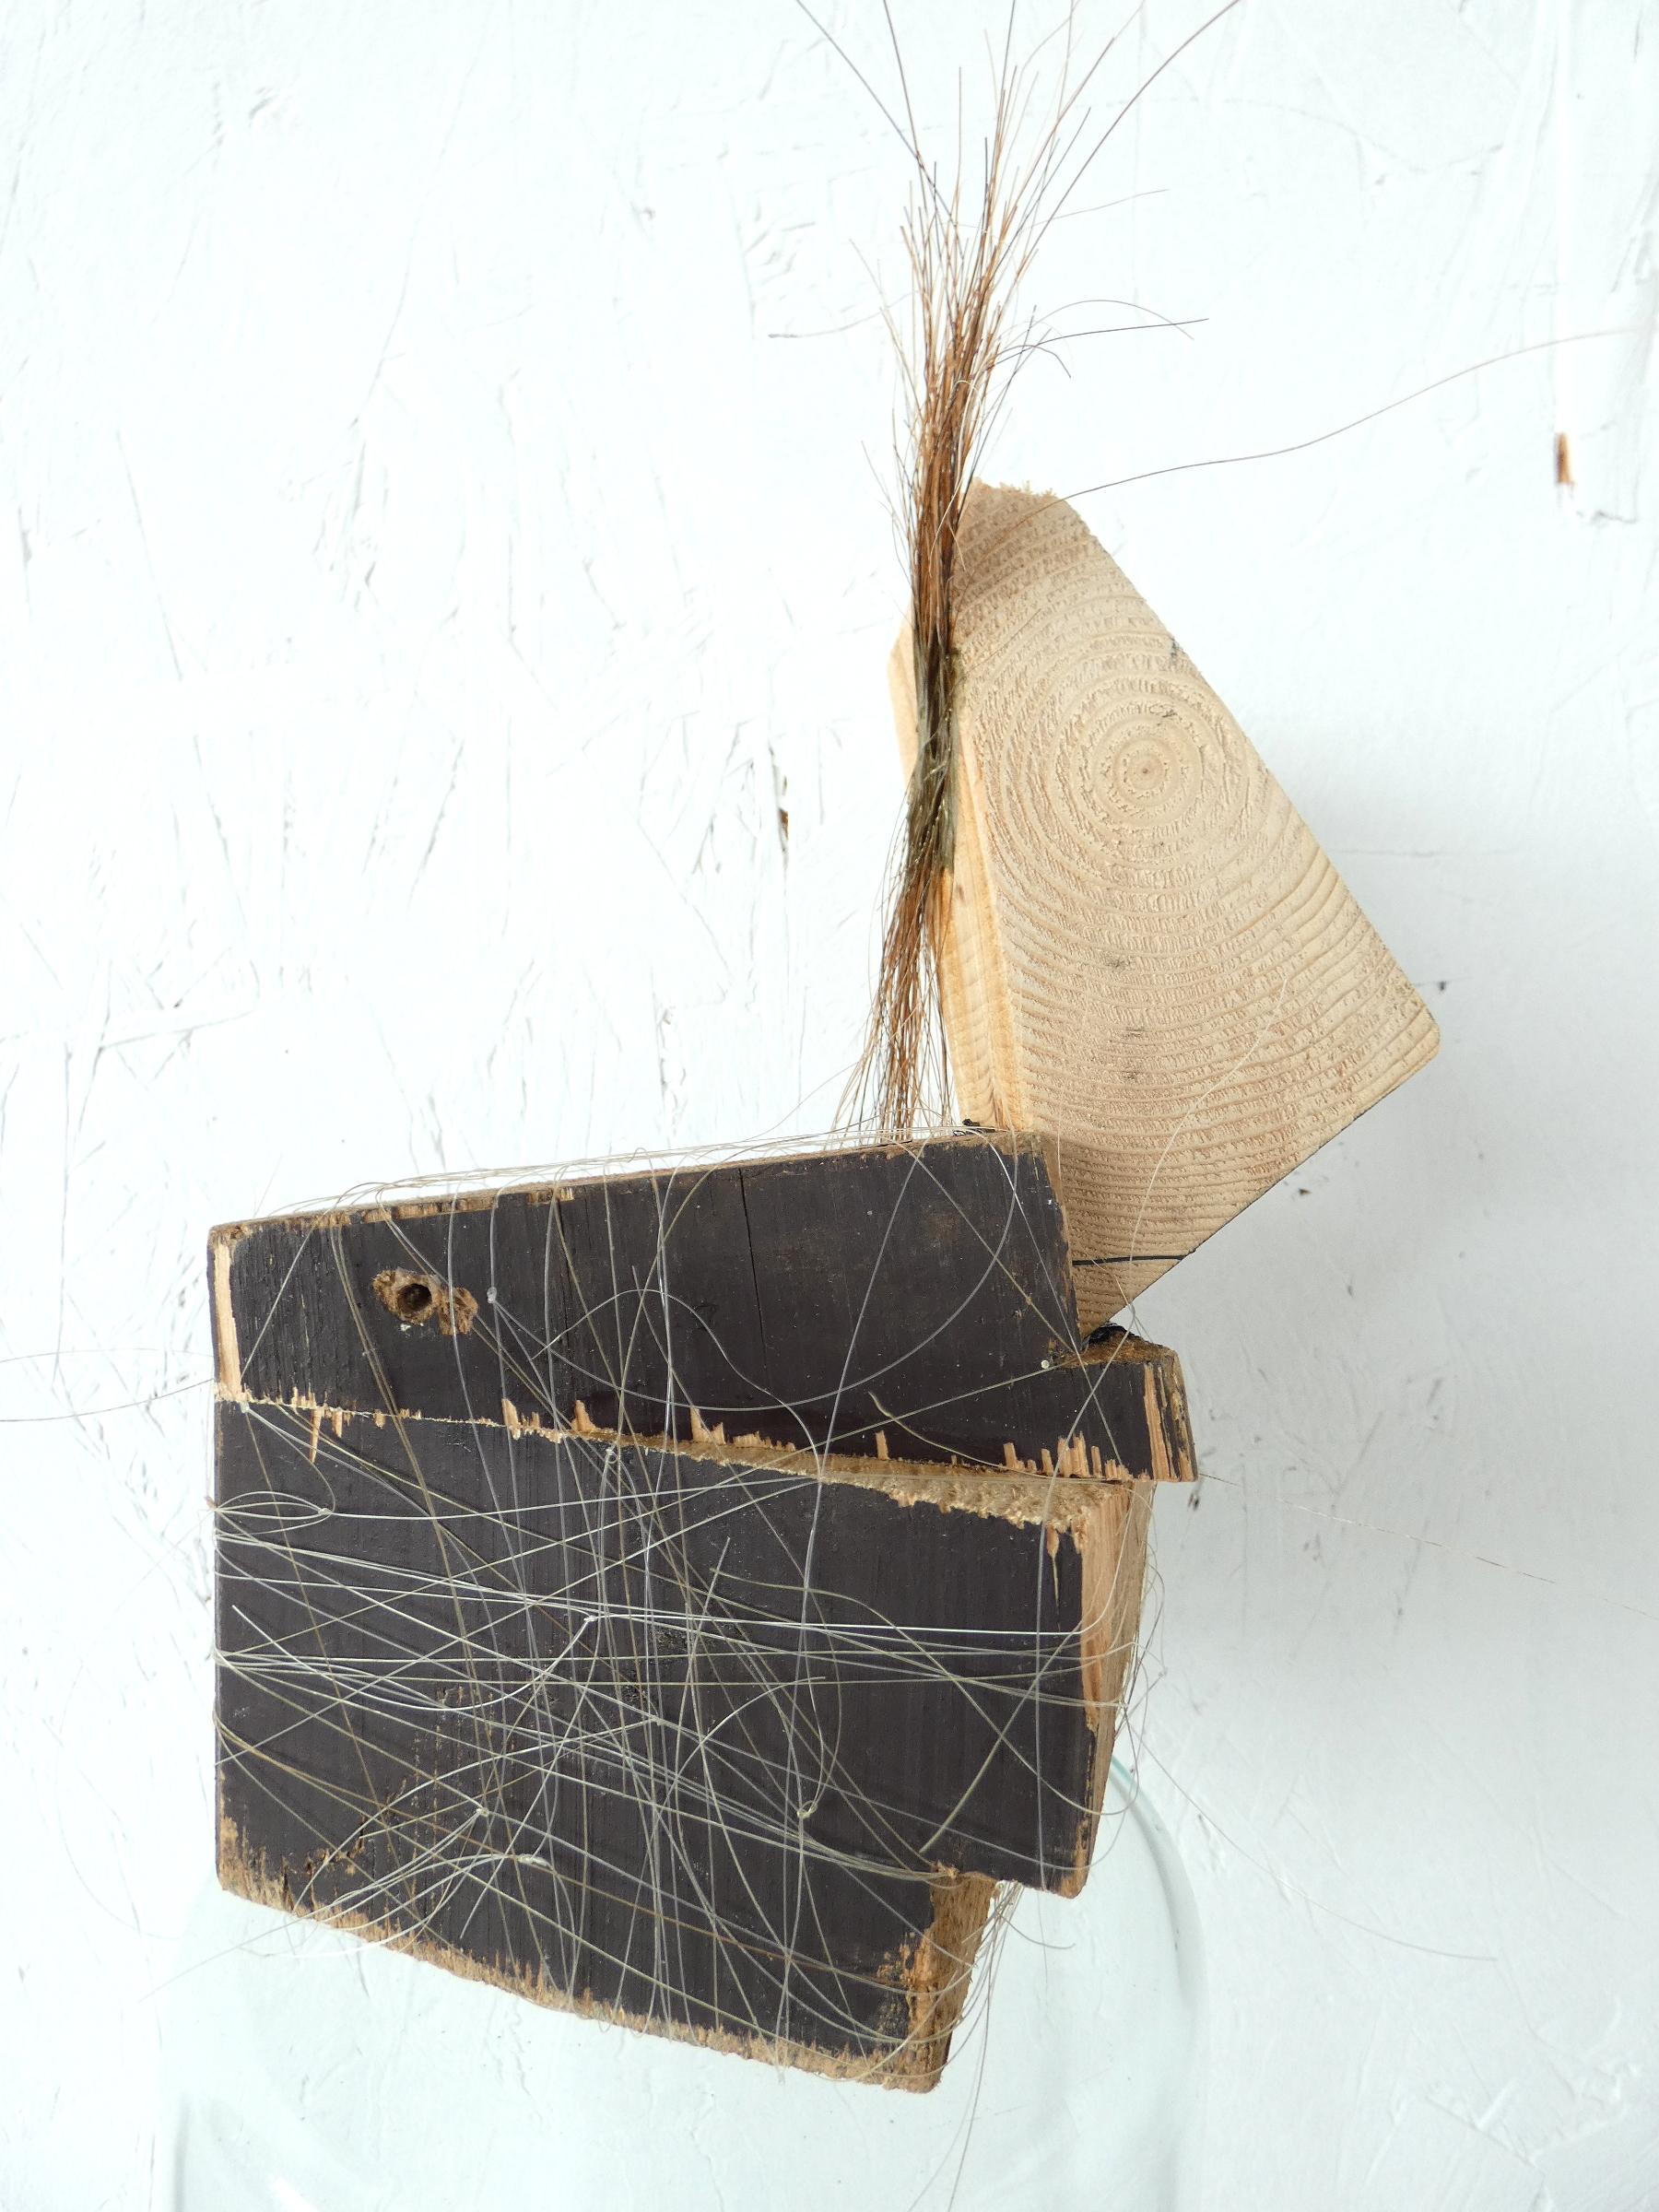 Blok paardje kunst, block horse, paardenhaar, artwork, artlovers, hout, kunst kopen, artcollectors, sculpture, kunstenaar Wietske Lycklama à Nijeholt